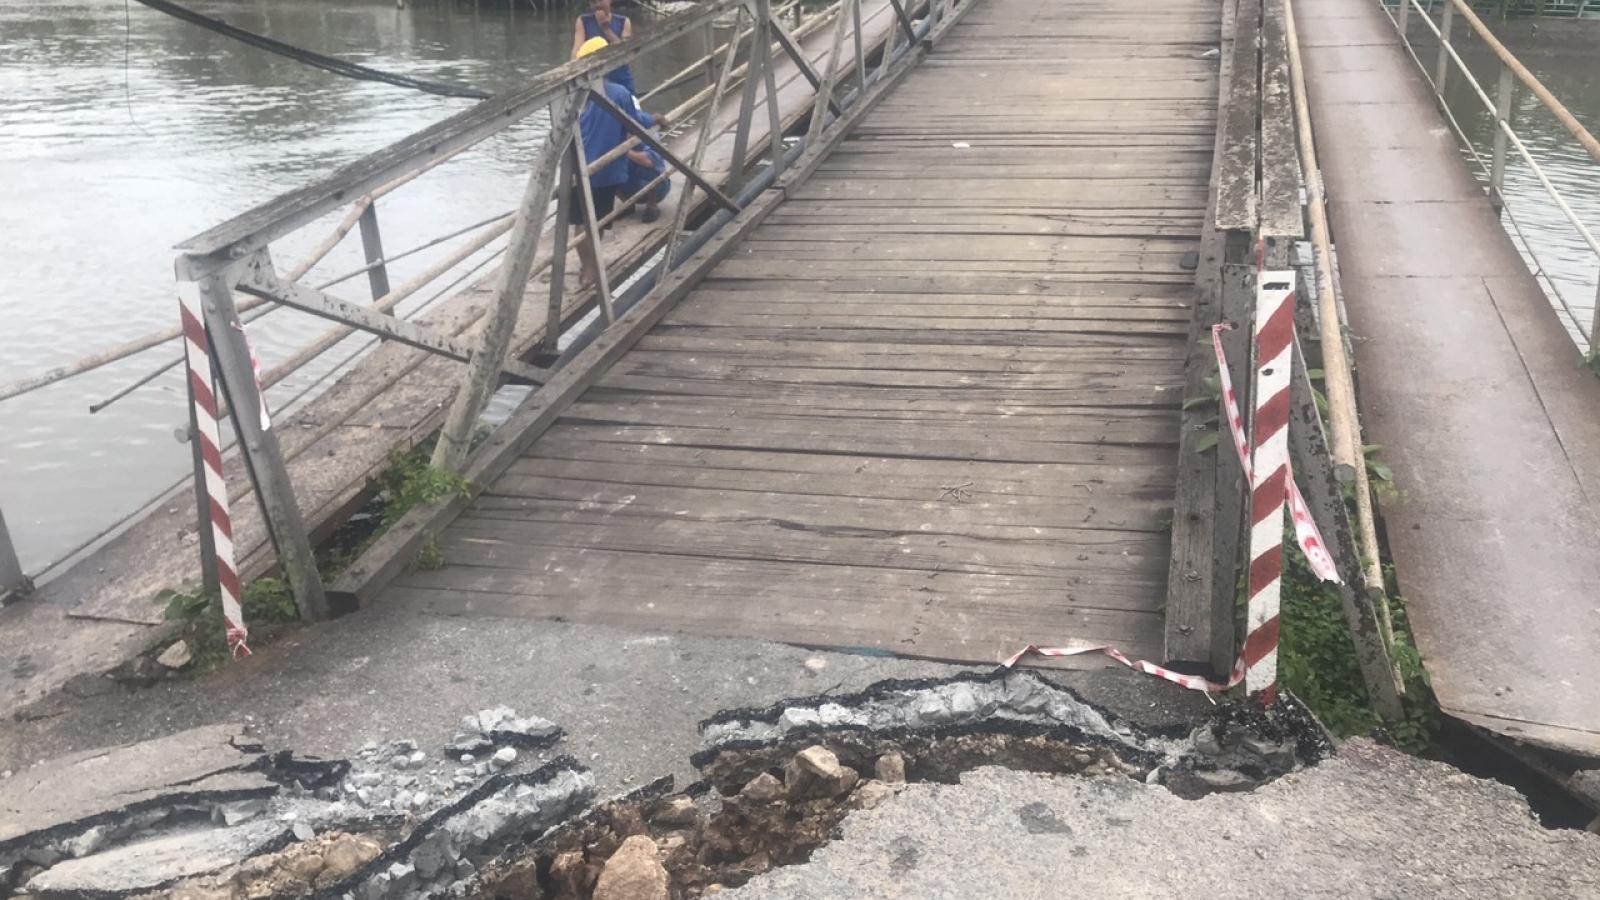 Cầu sập do sạt lở, giao thông tỉnh lộ 918 bị chia cắt